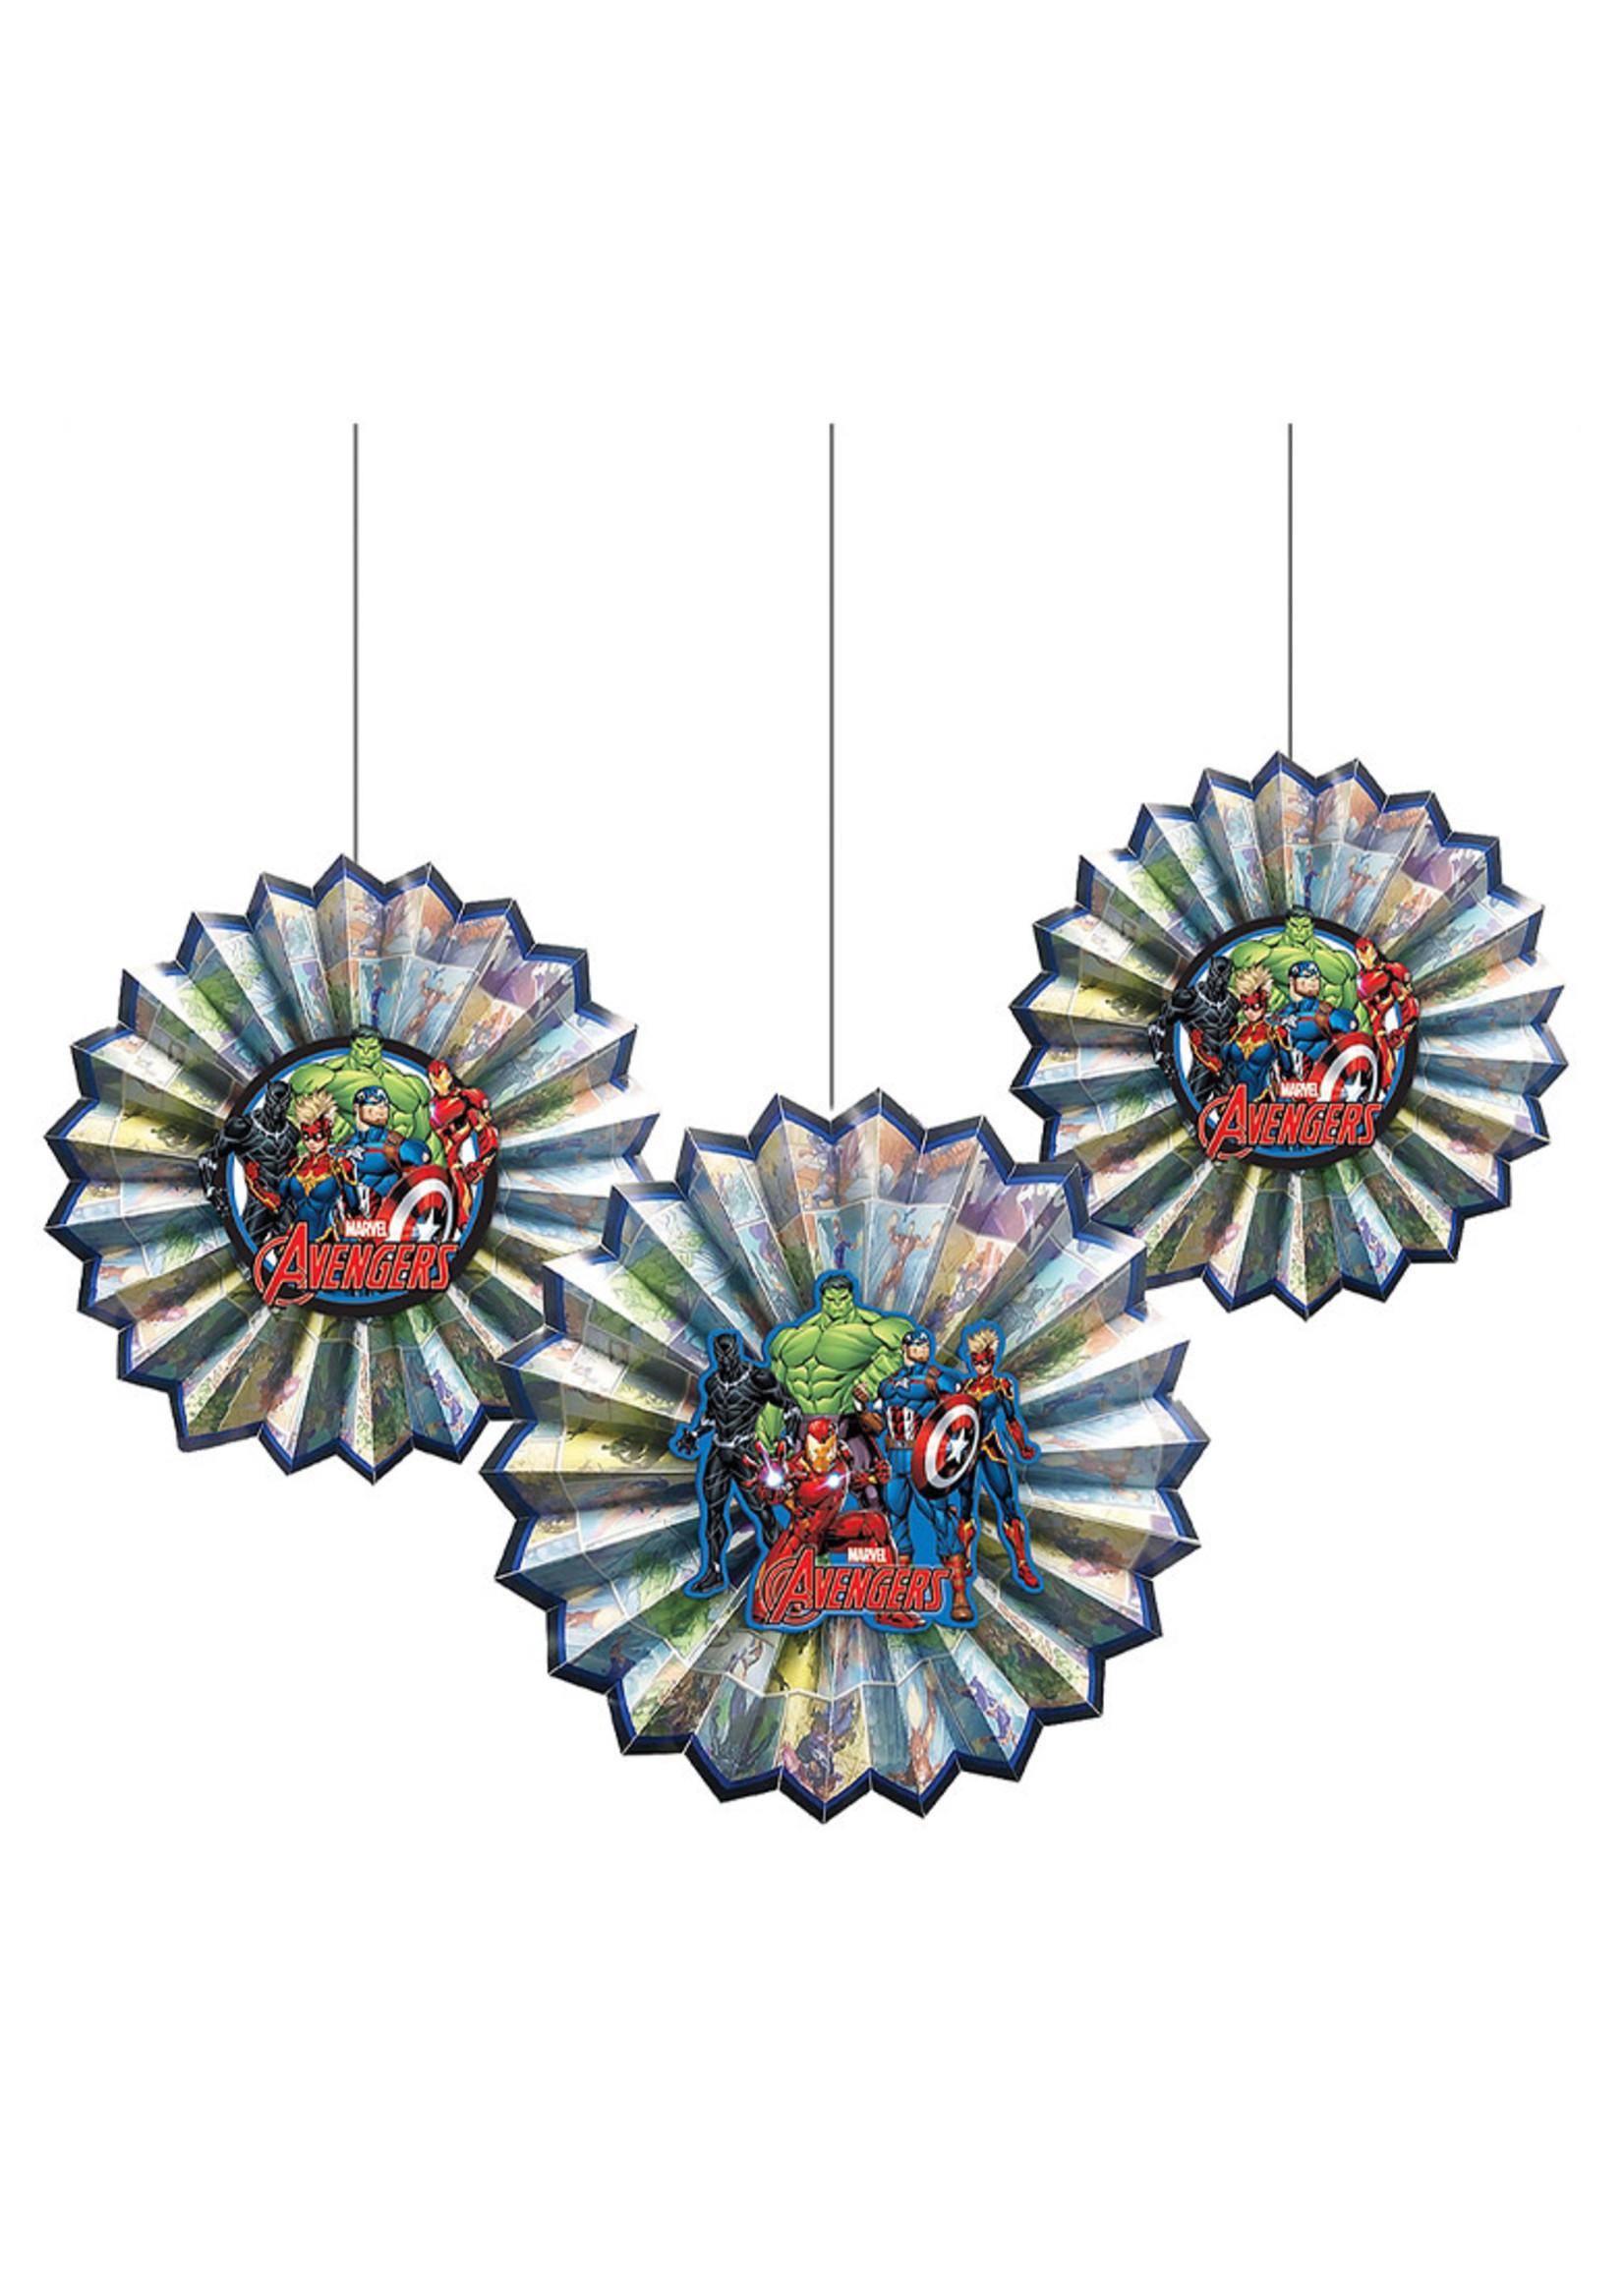 Marvel Powers Unite Paper Fan Decorations 3ct